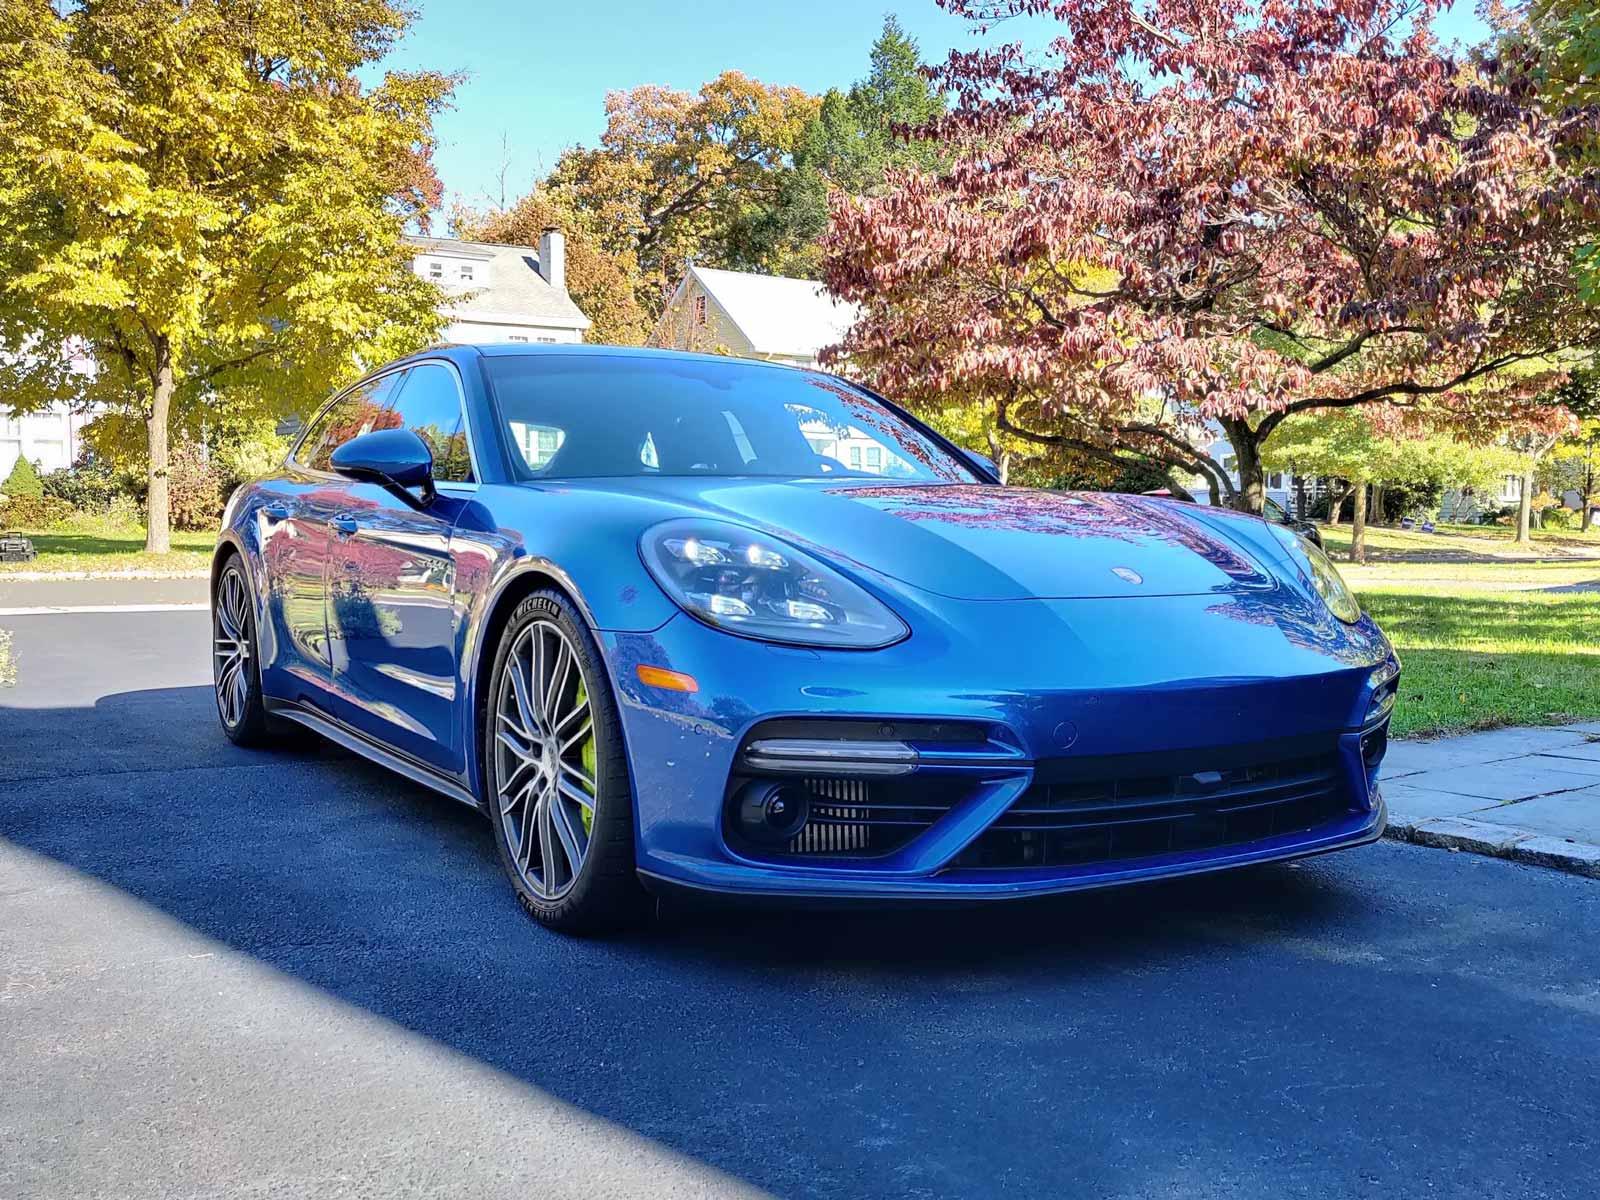 Hybrid-Porsche-Panamera-Turbo-Turismo